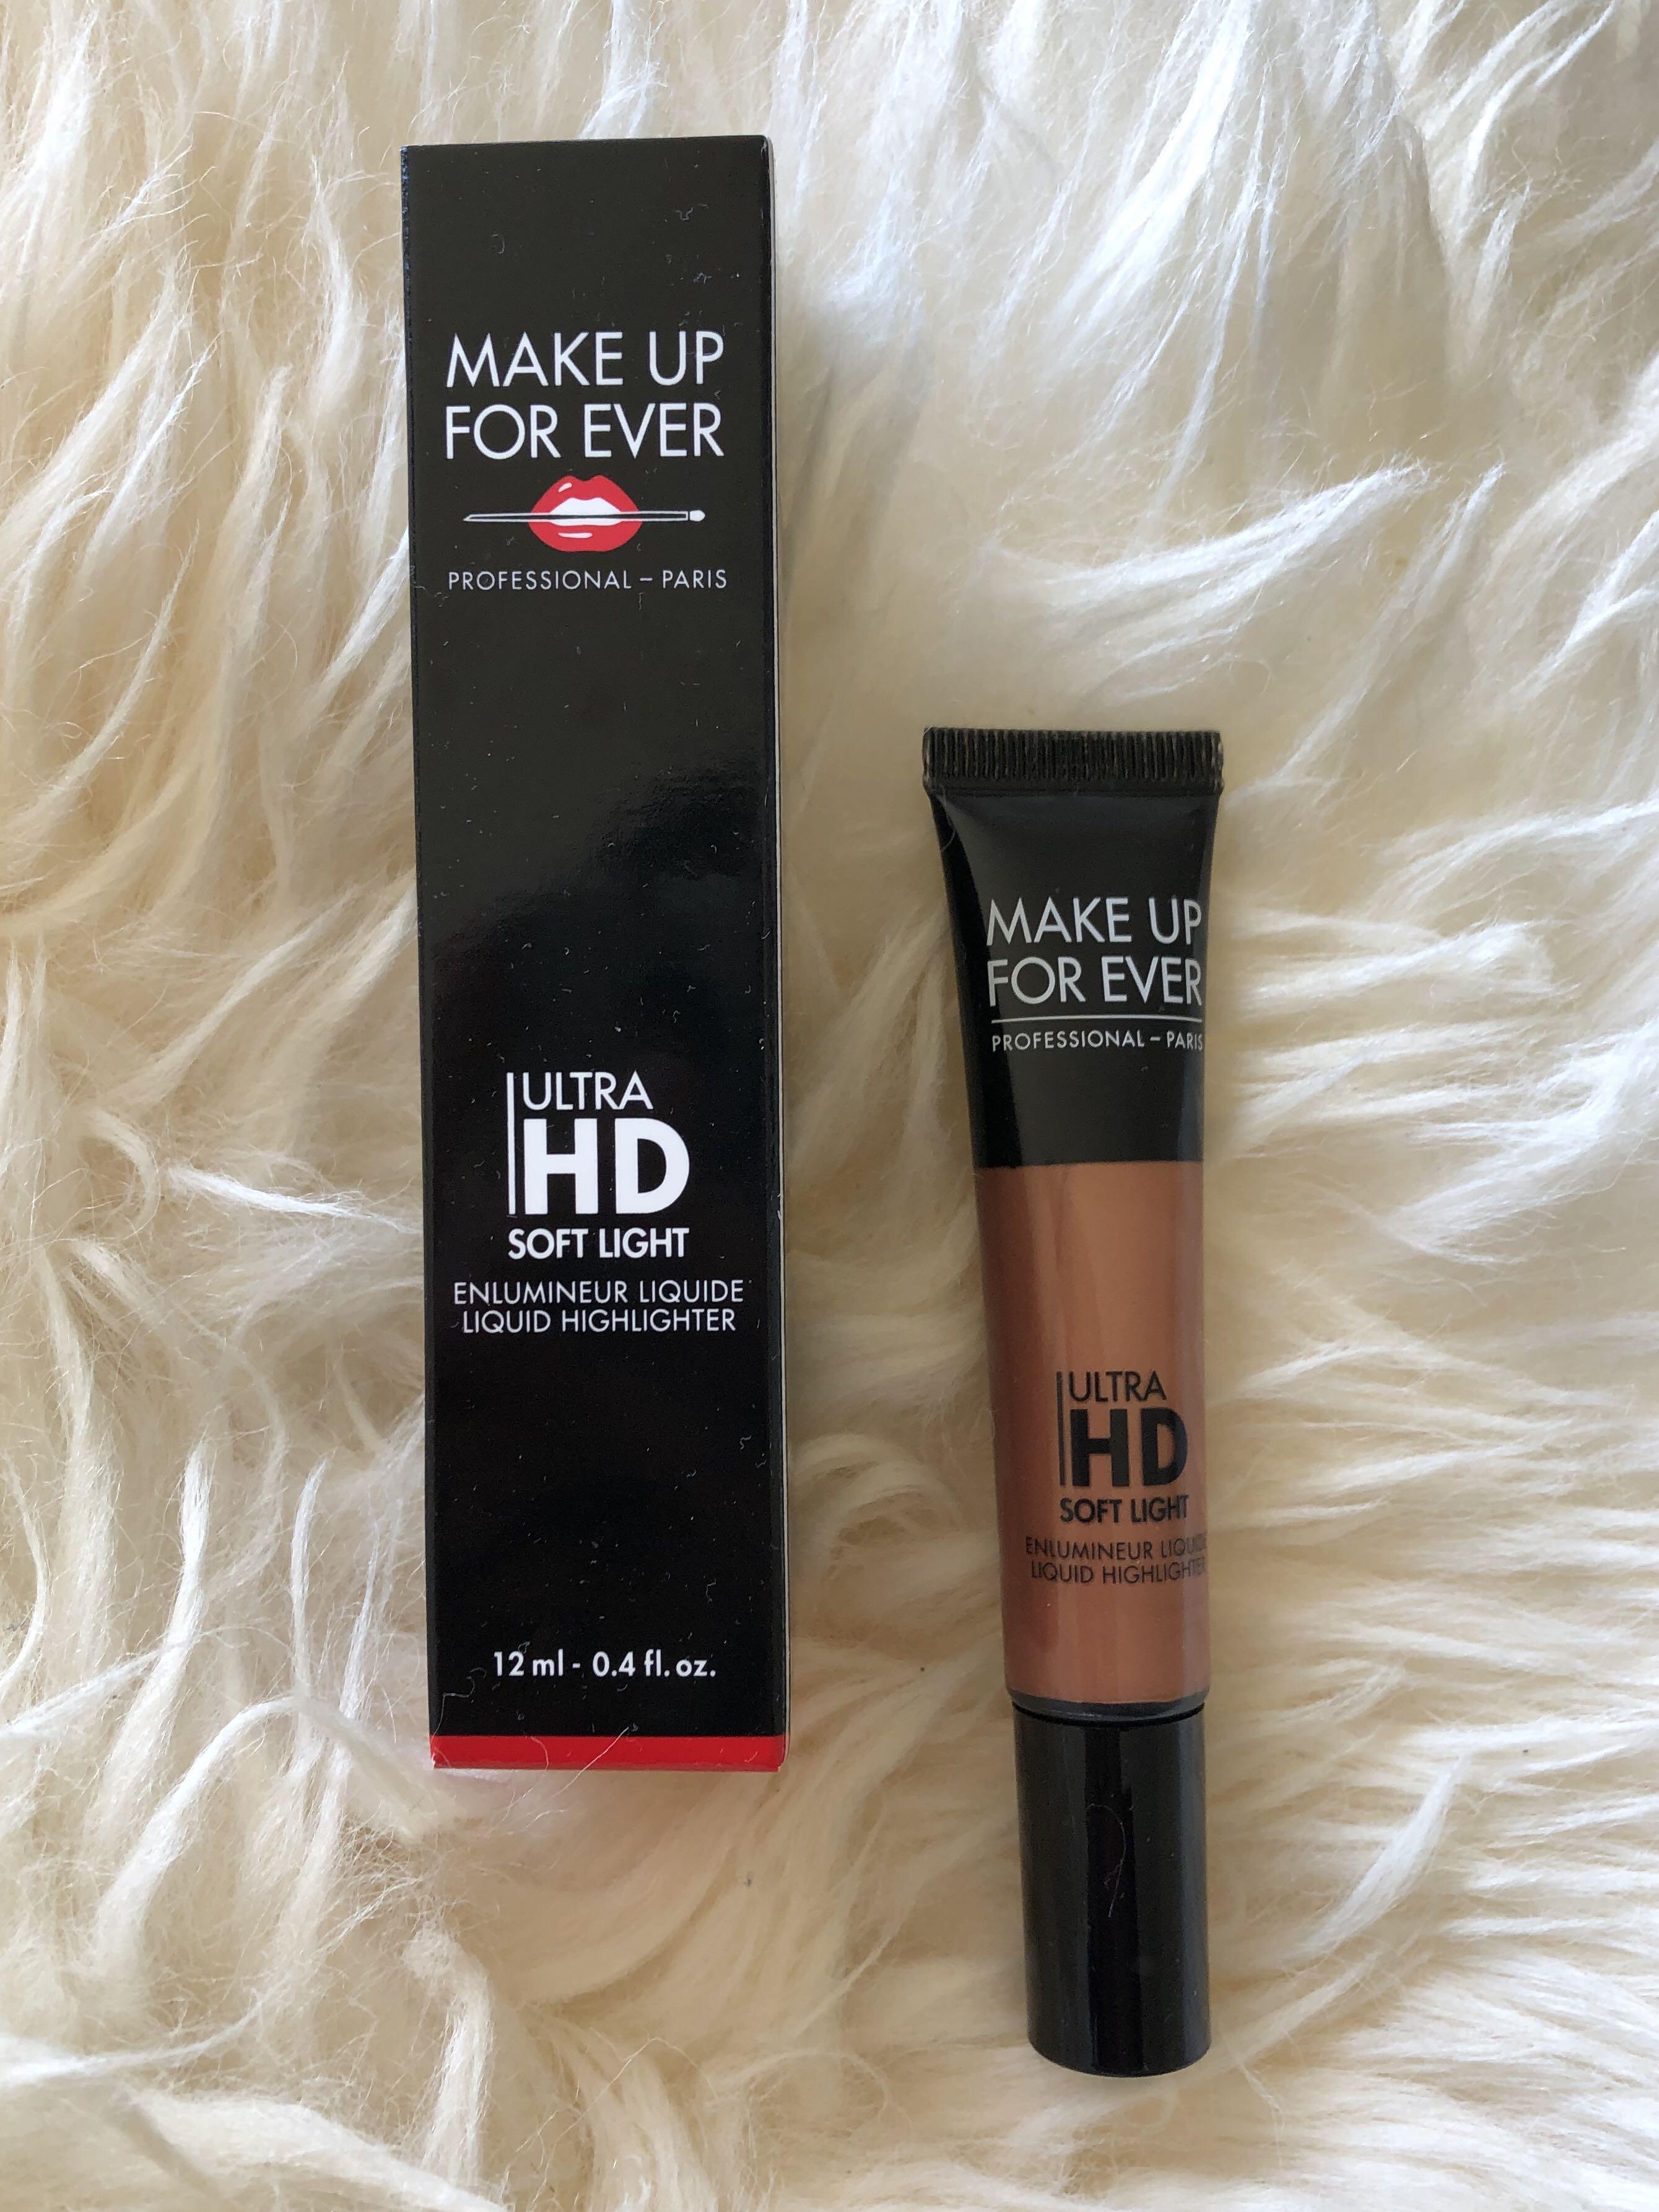 Make up forever soft light liquid highlighter